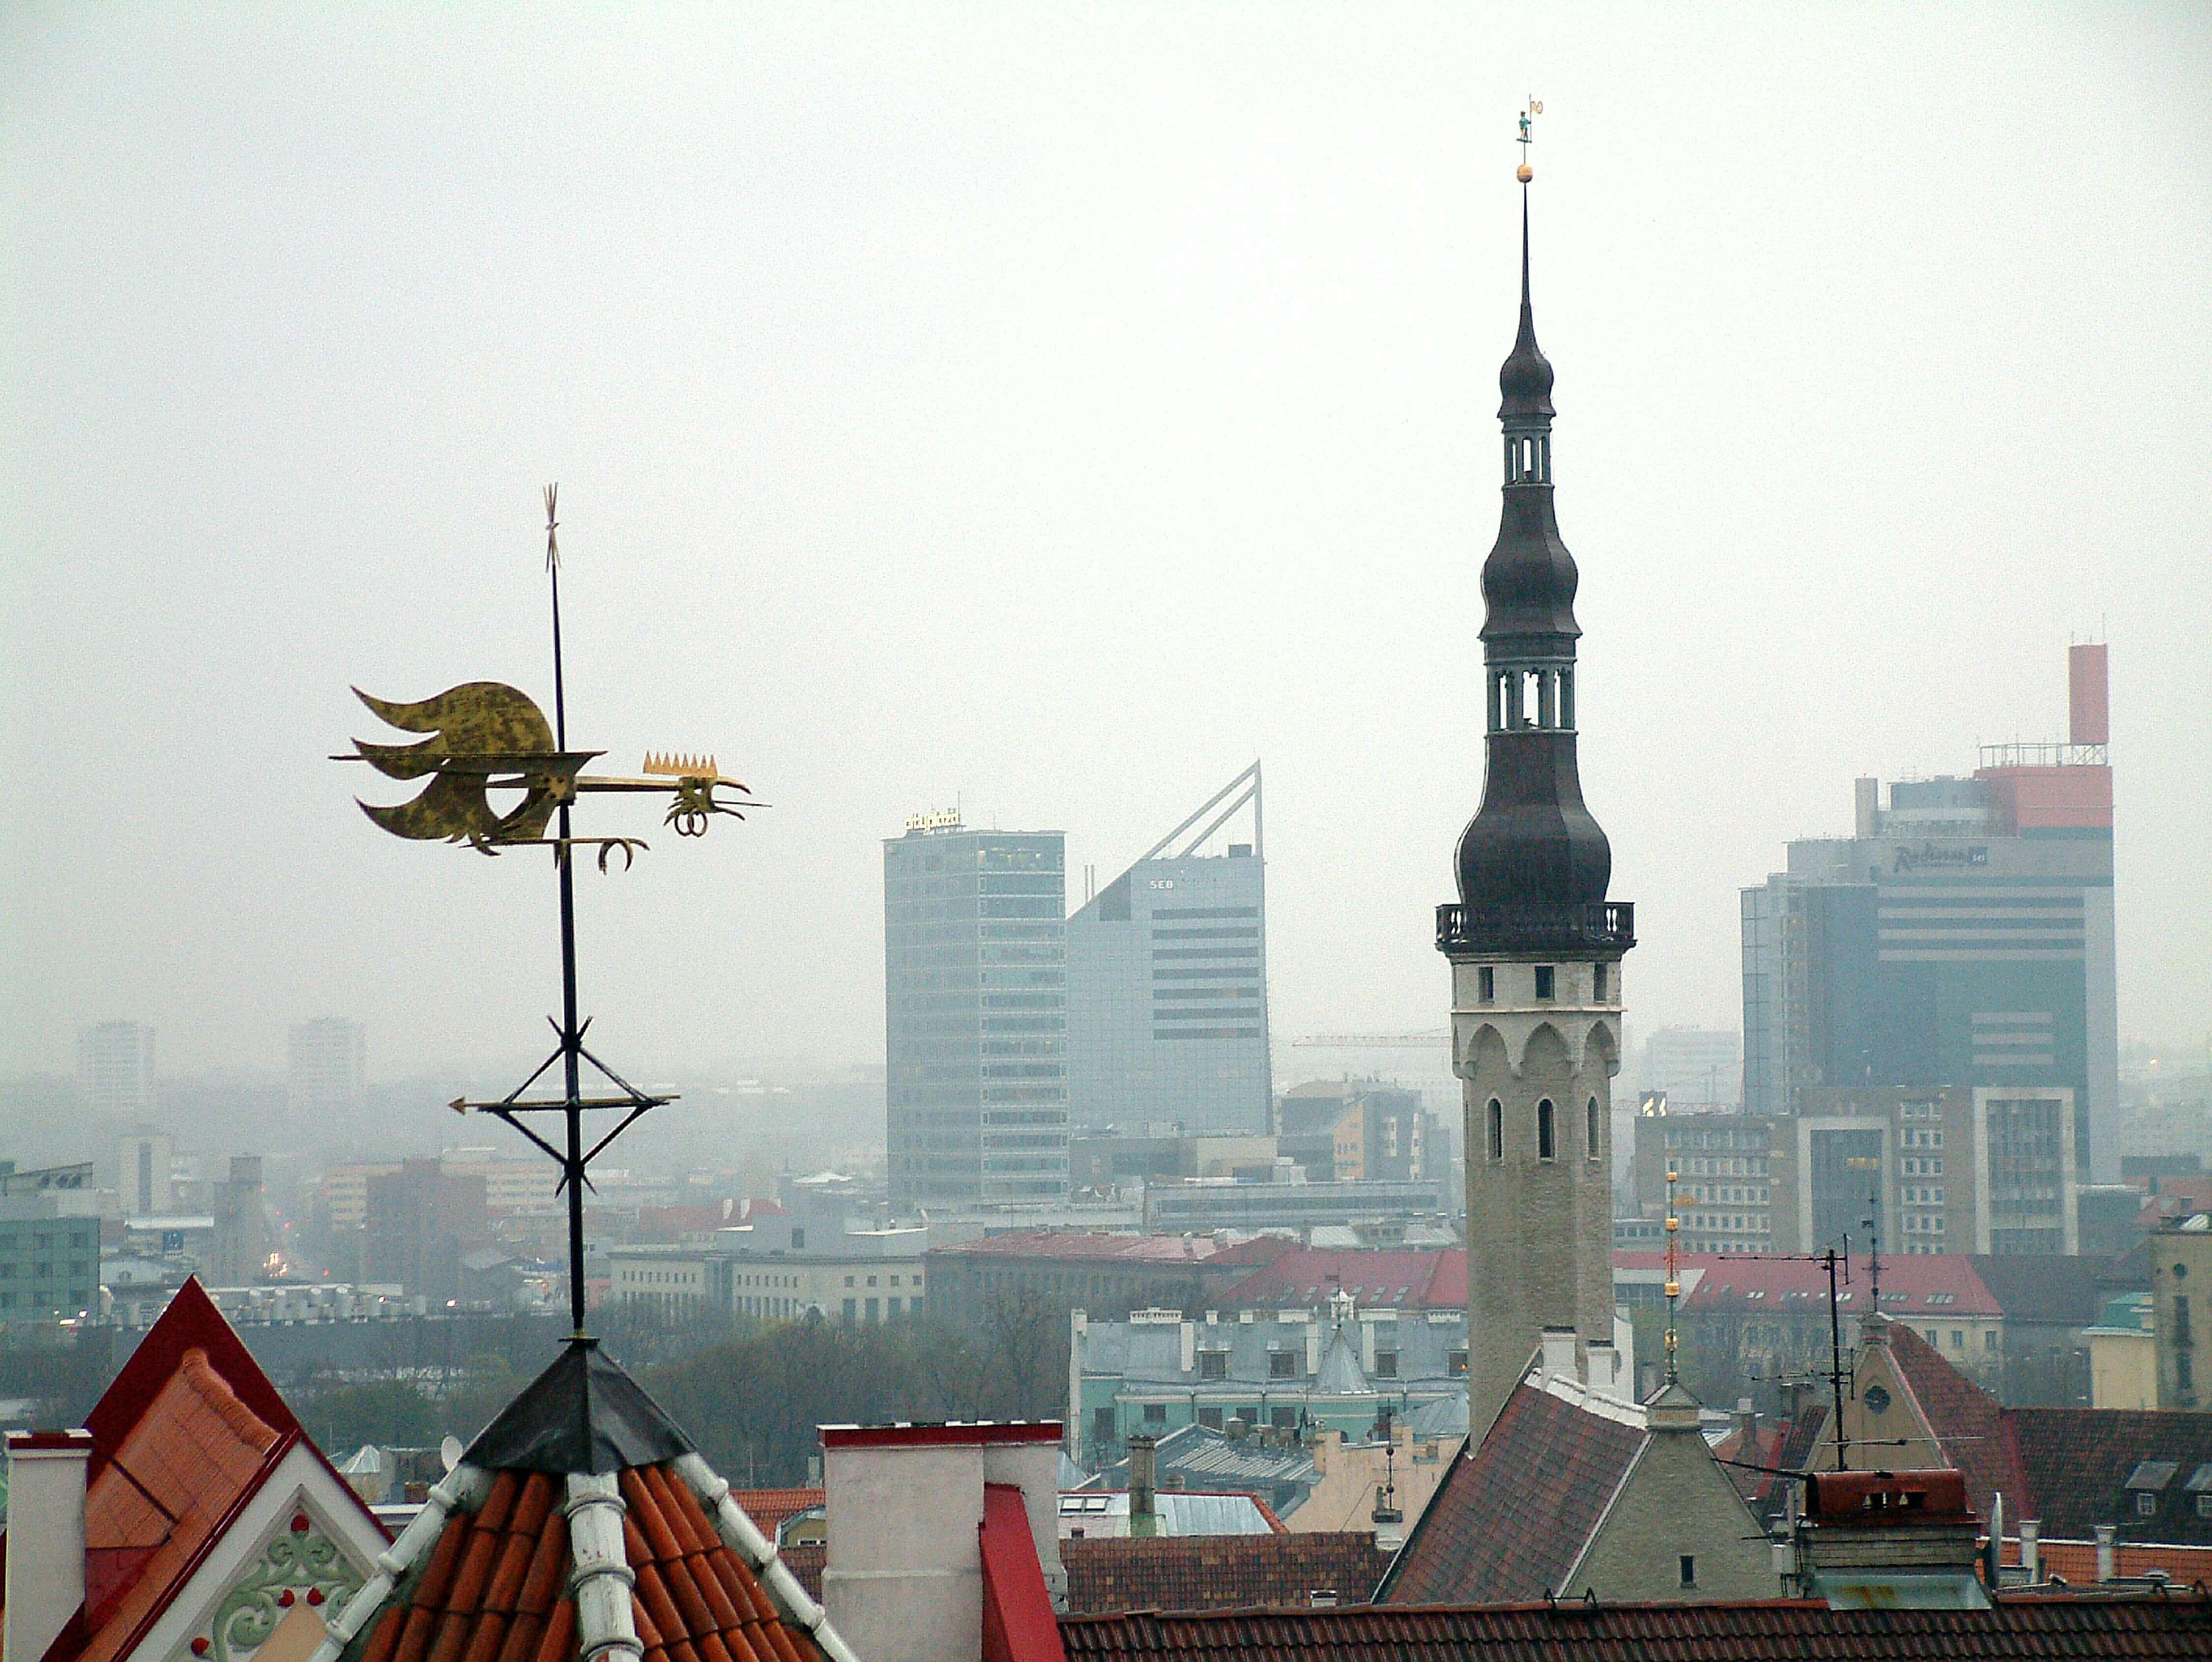 Русские в Эстонии: депутат в ЕП признала проблему притеснения россиян